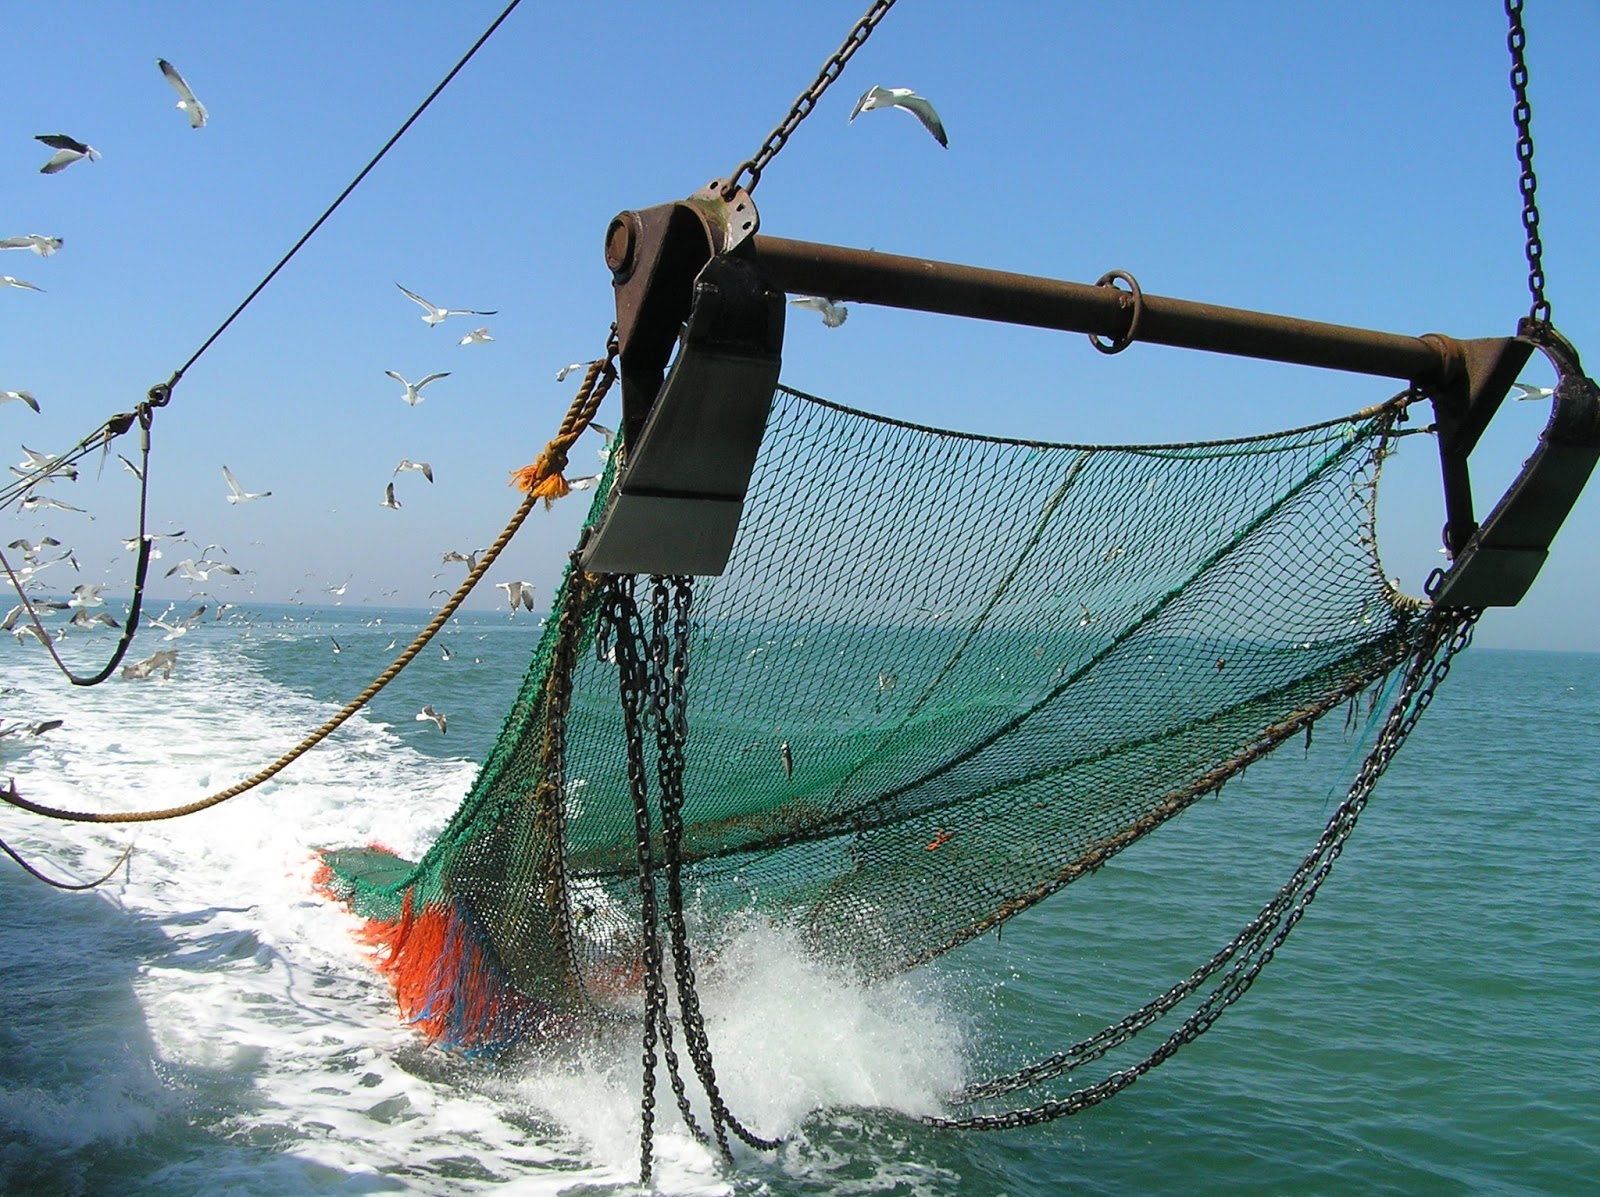 Redes de pescar en desuso serán usados para hacer juguetes y ropa